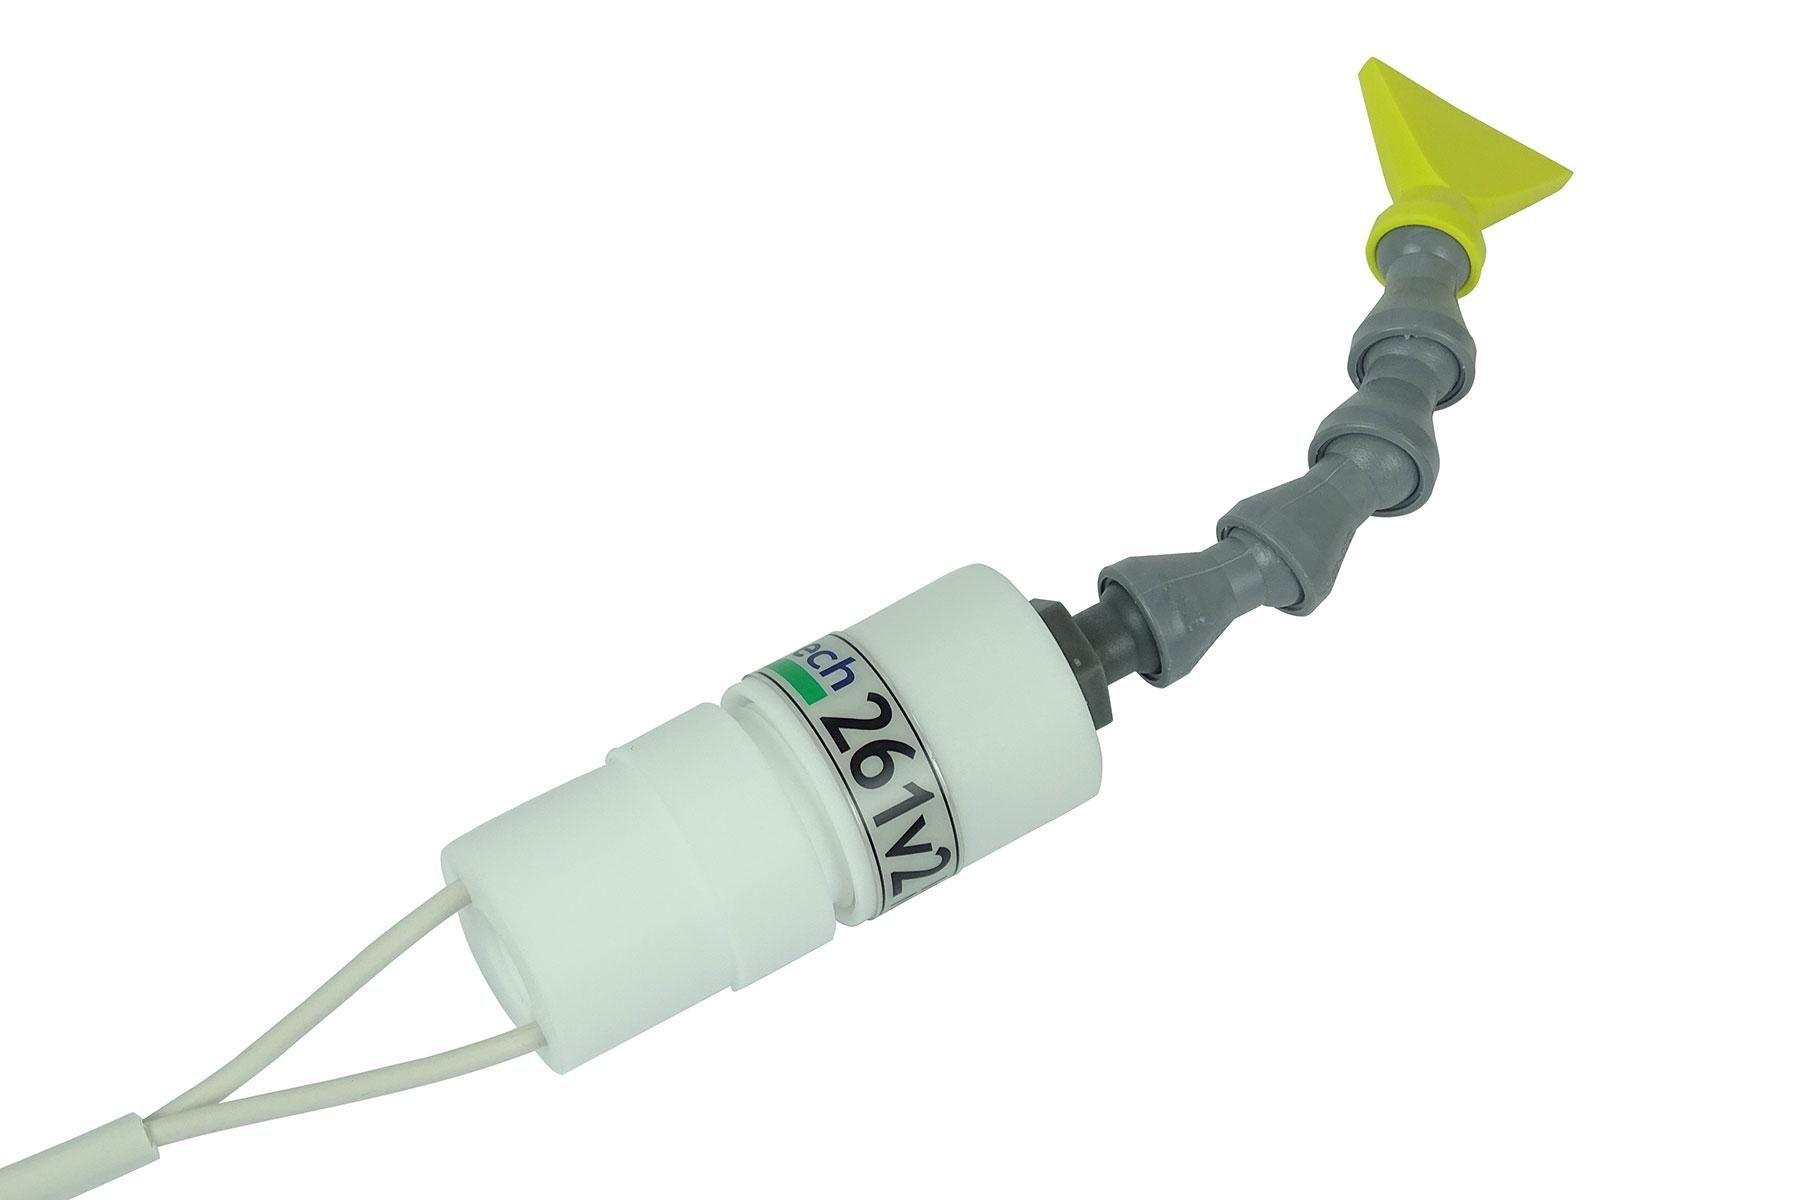 261v2-¼ Flexi Nozzle